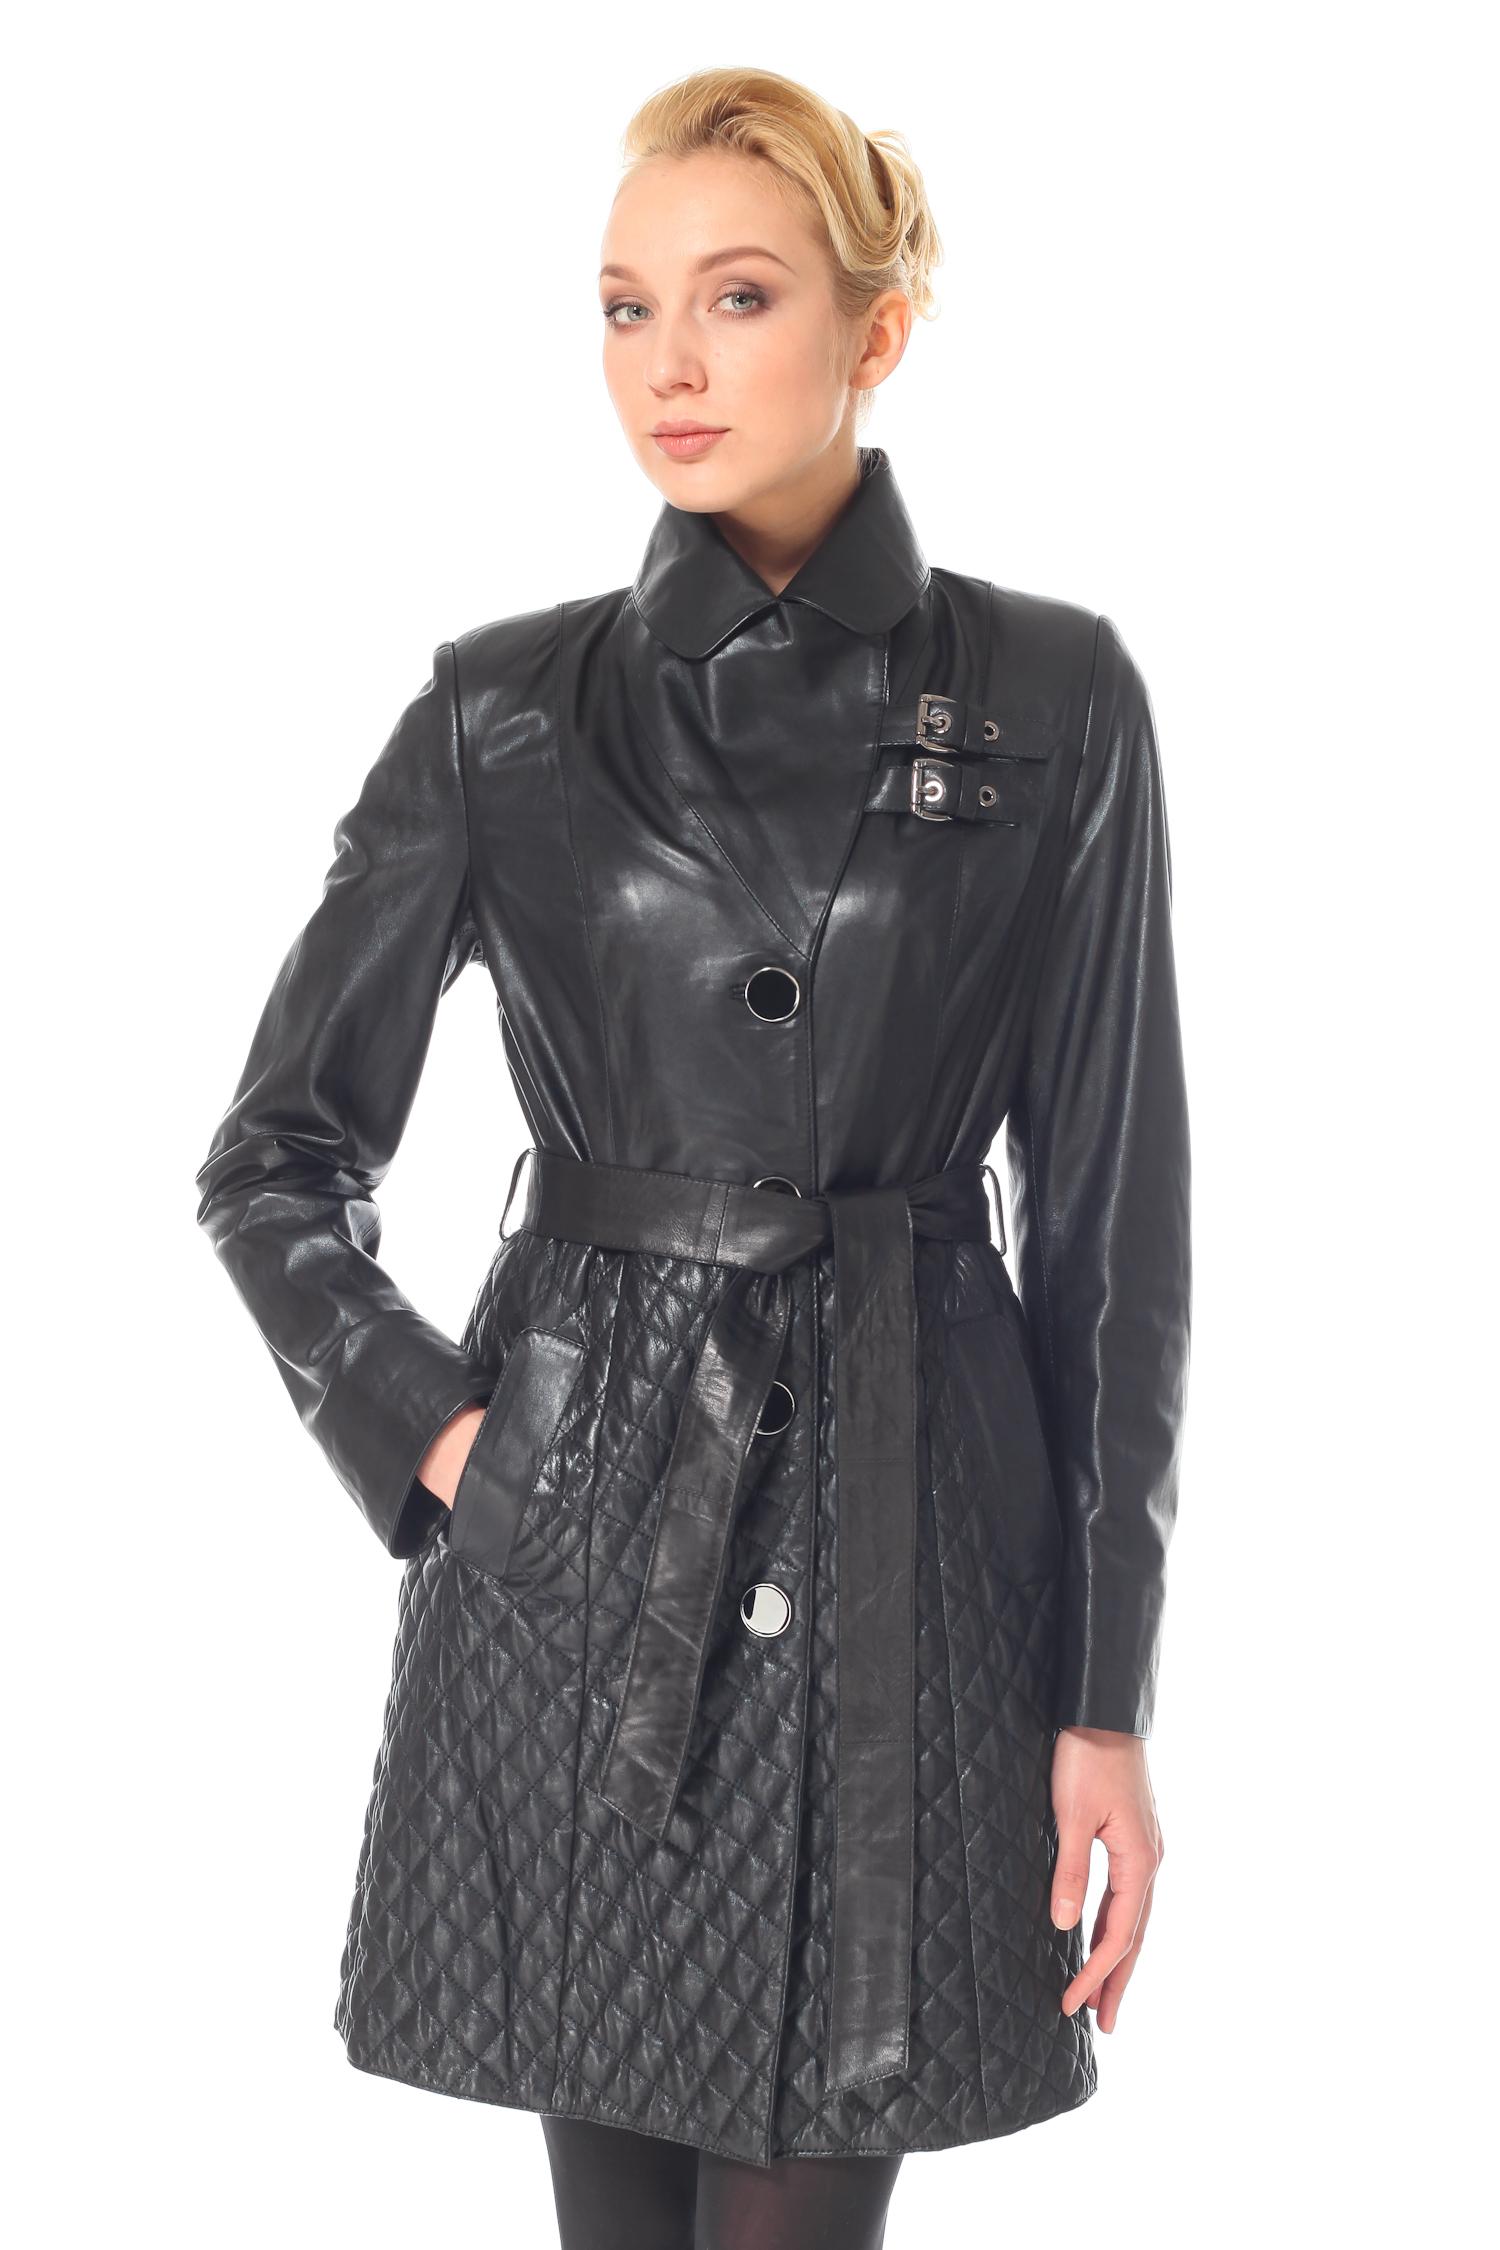 Женское кожаное пальто из натуральной кожи с воротником, без отделки<br><br>Воротник: Английский<br>Длина см: 90<br>Материал: Натуральная кожа<br>Цвет: Черный<br>Застежка: Синтепон<br>Пол: Женский